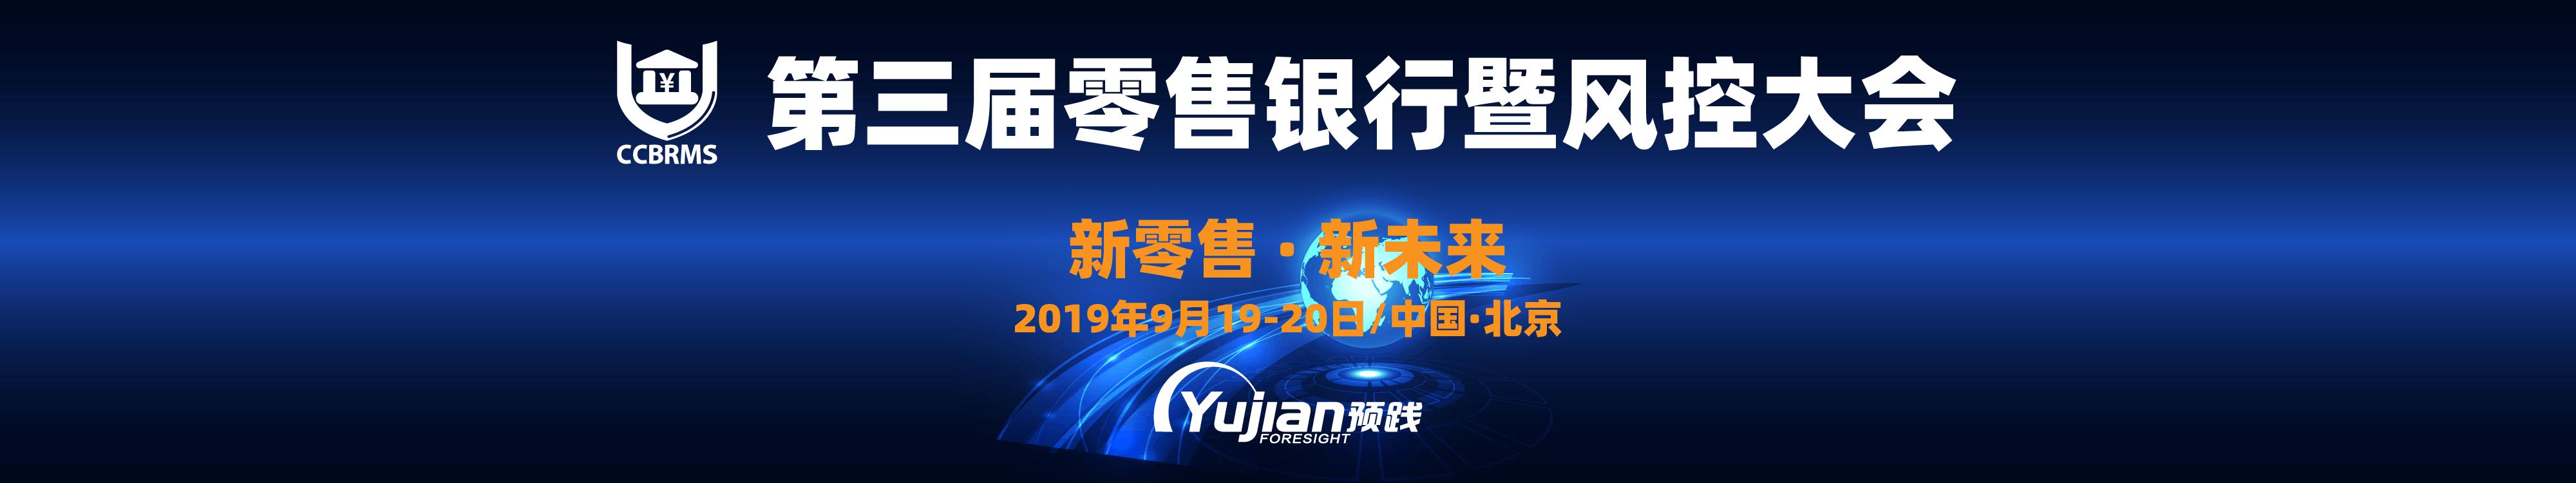 2019第三届零售银行暨风控大会(北京)